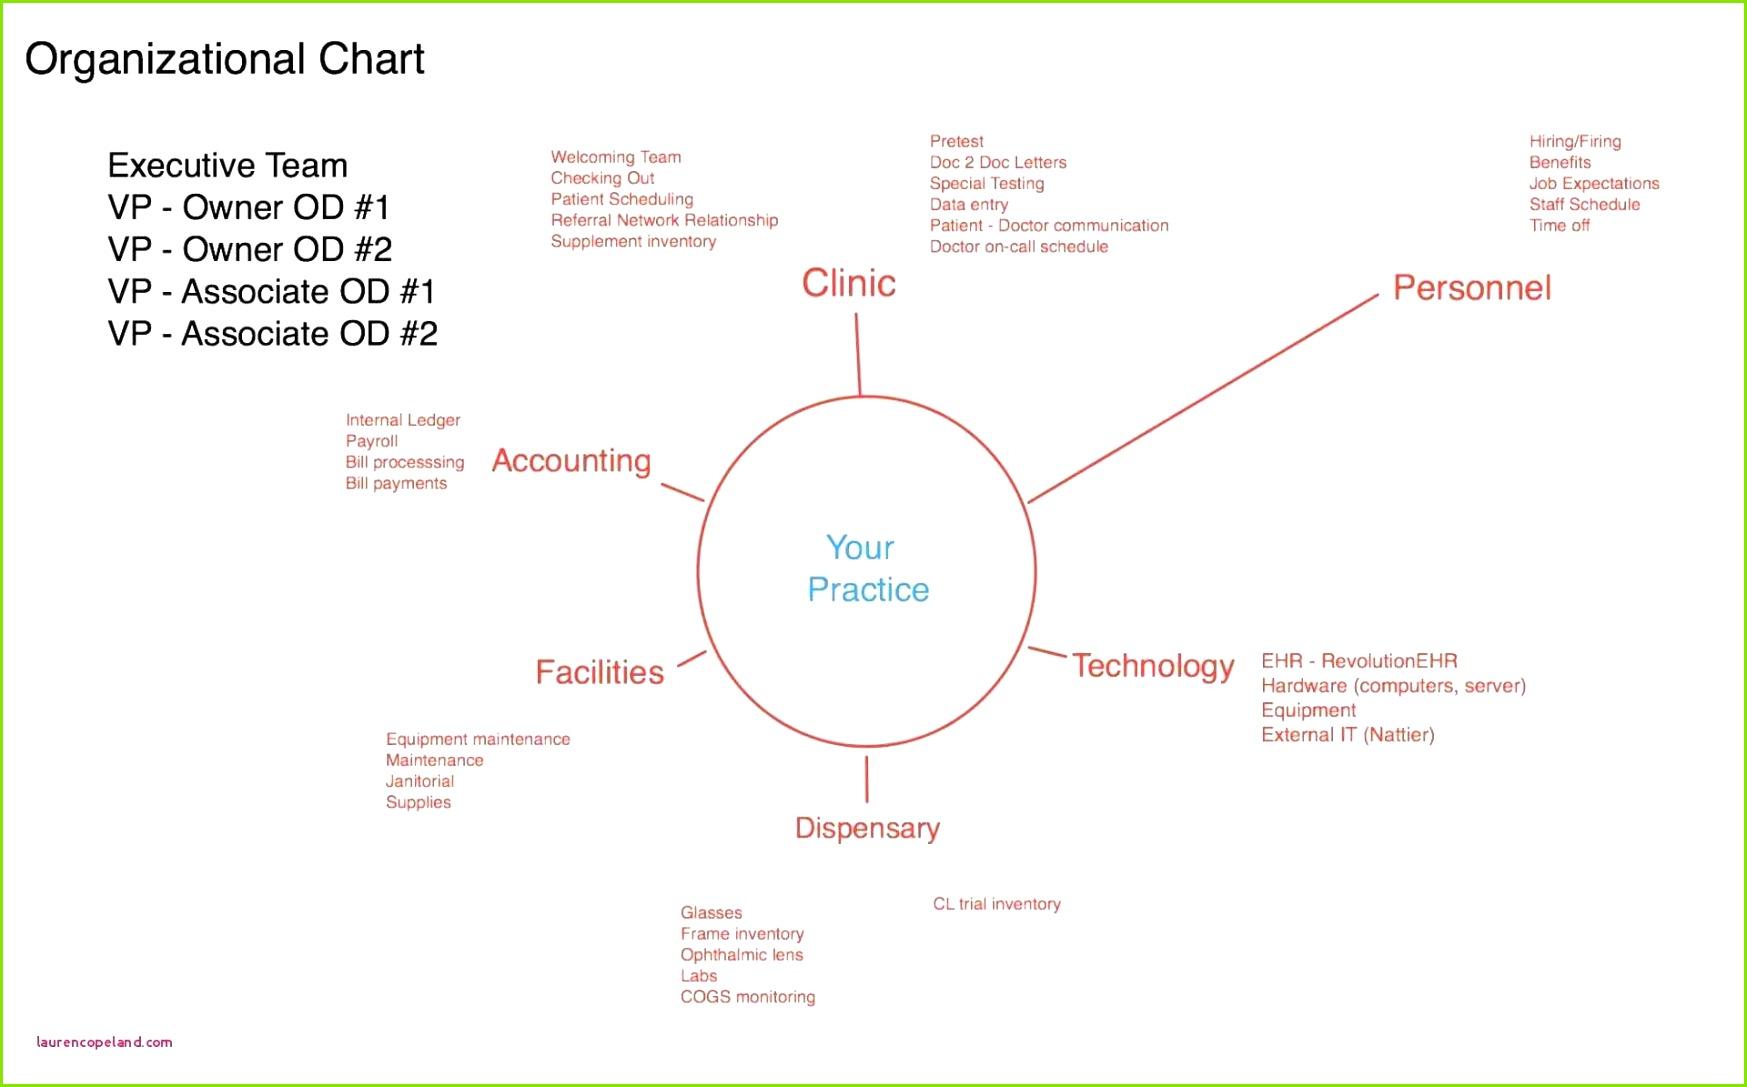 24 Detaillierte Angebot Dienstleistung Muster